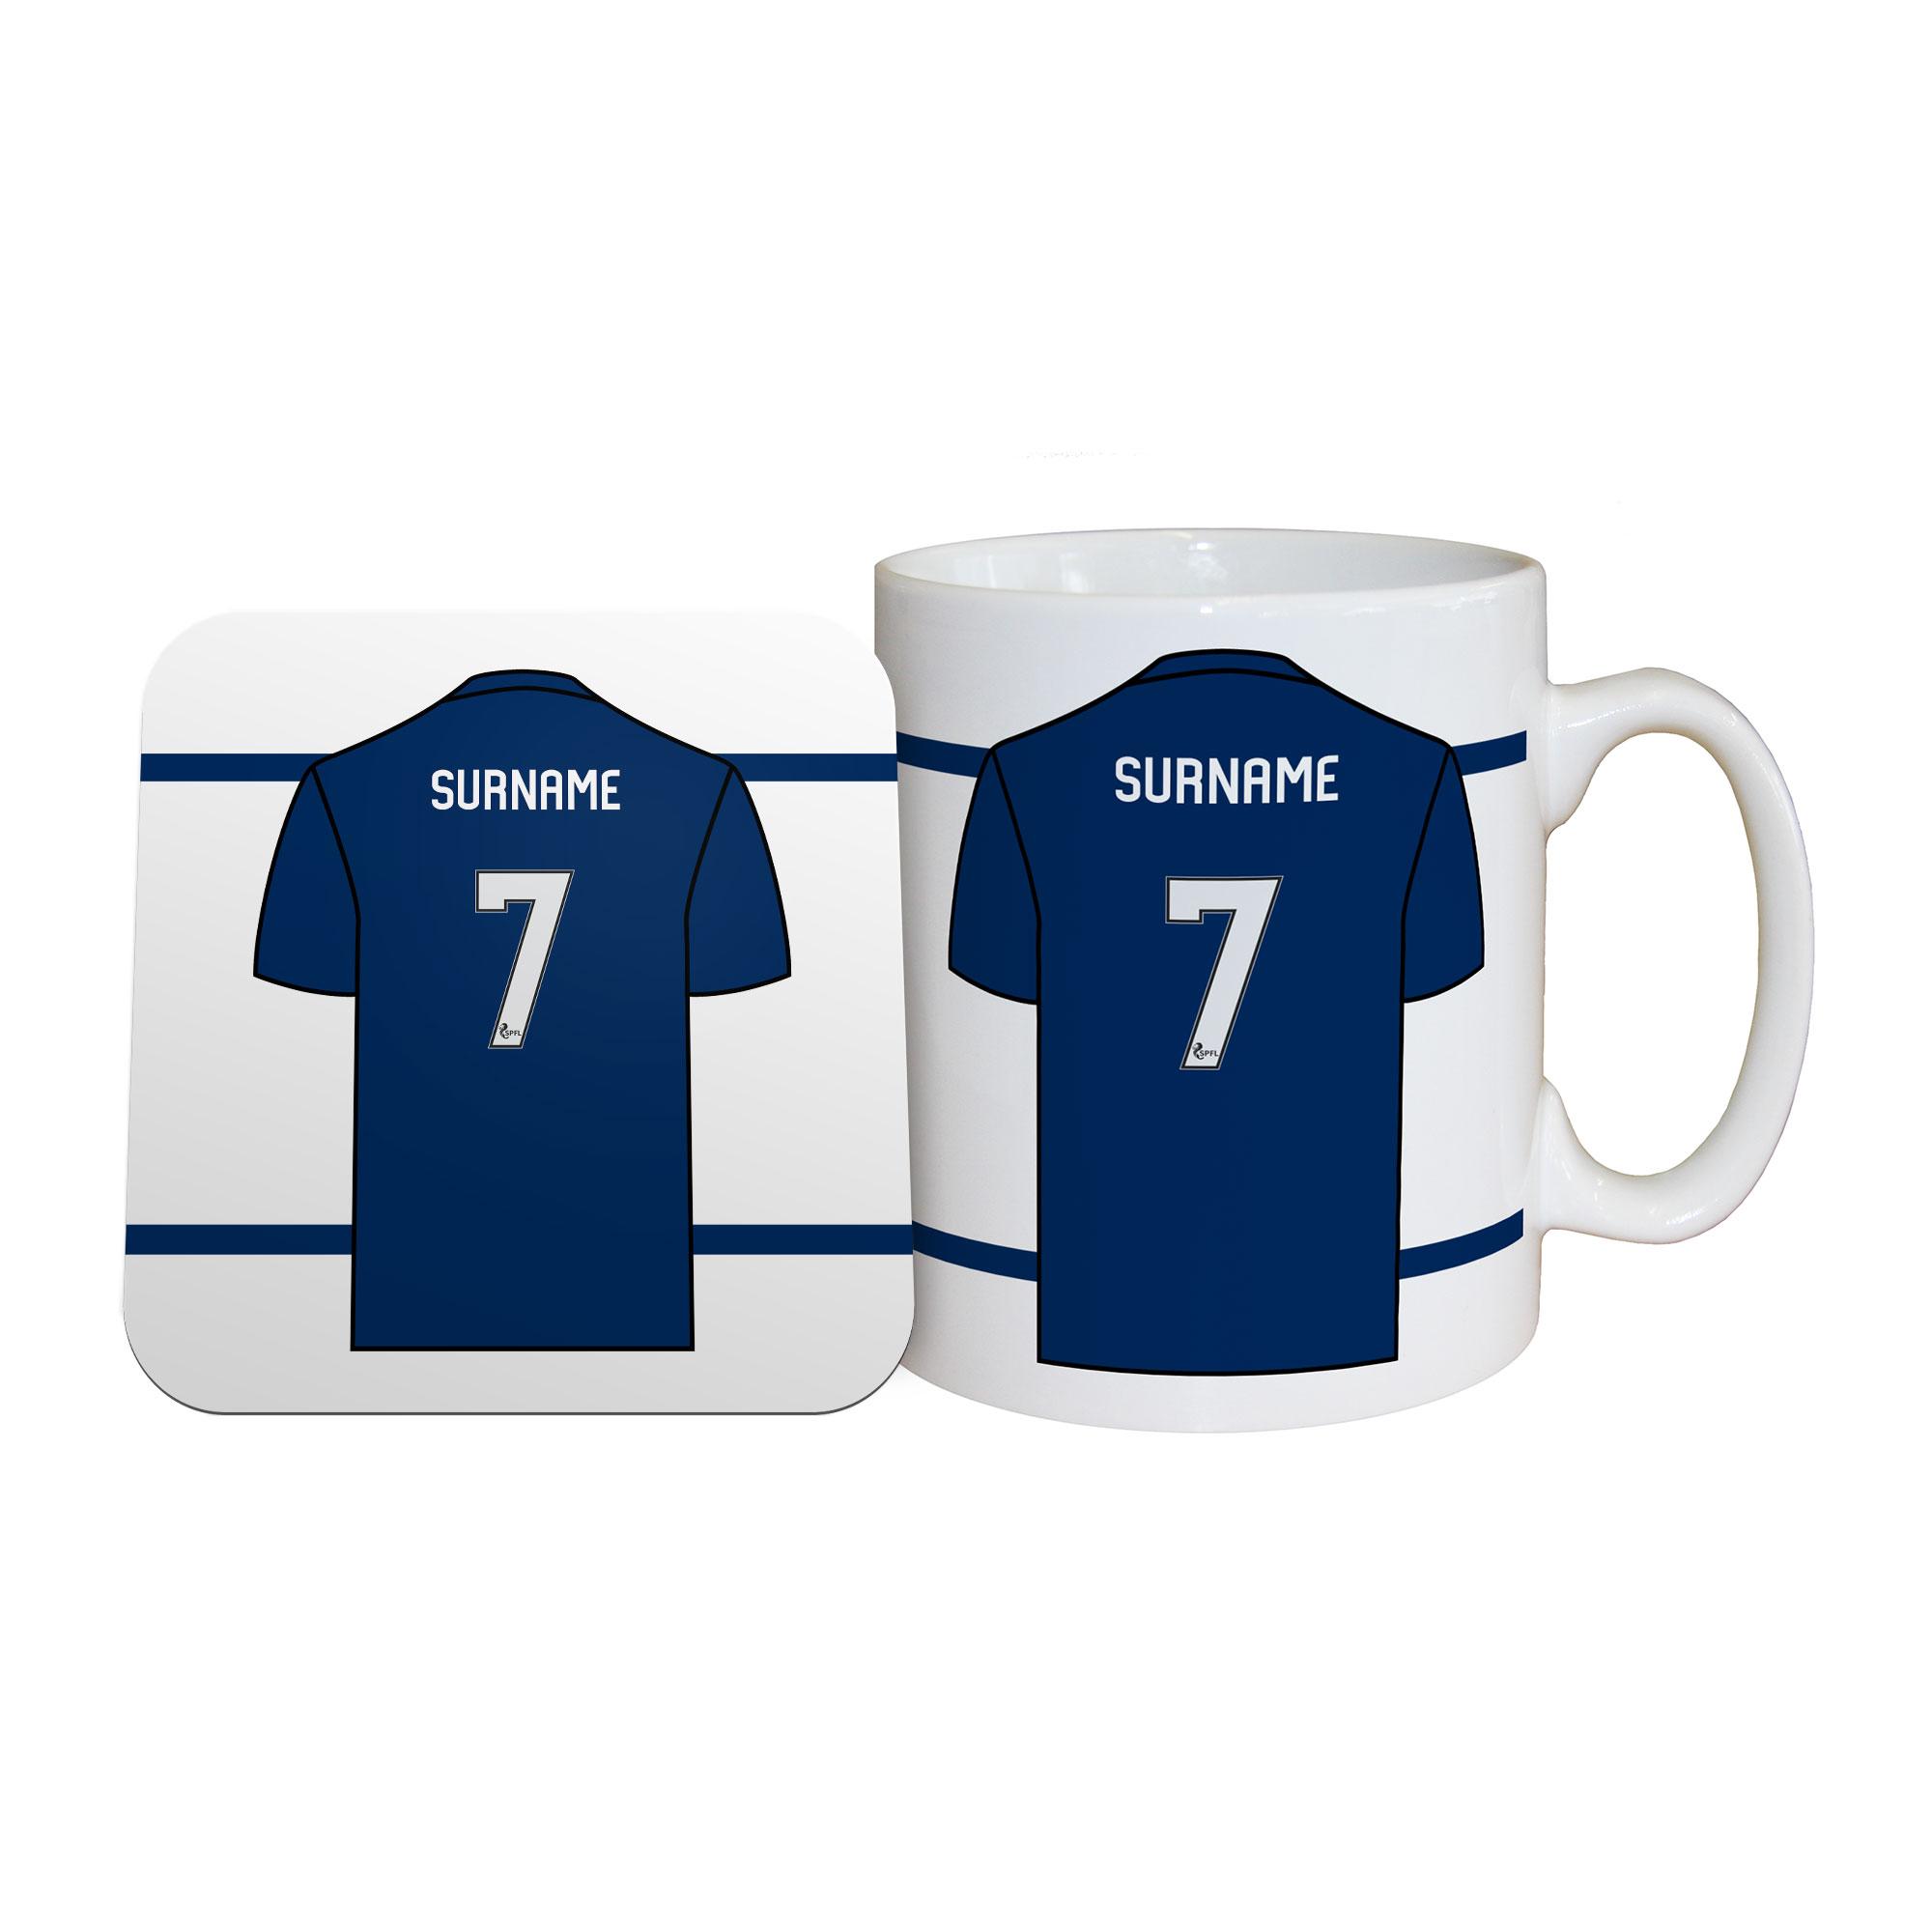 Dundee FC Shirt Mug & Coaster Set